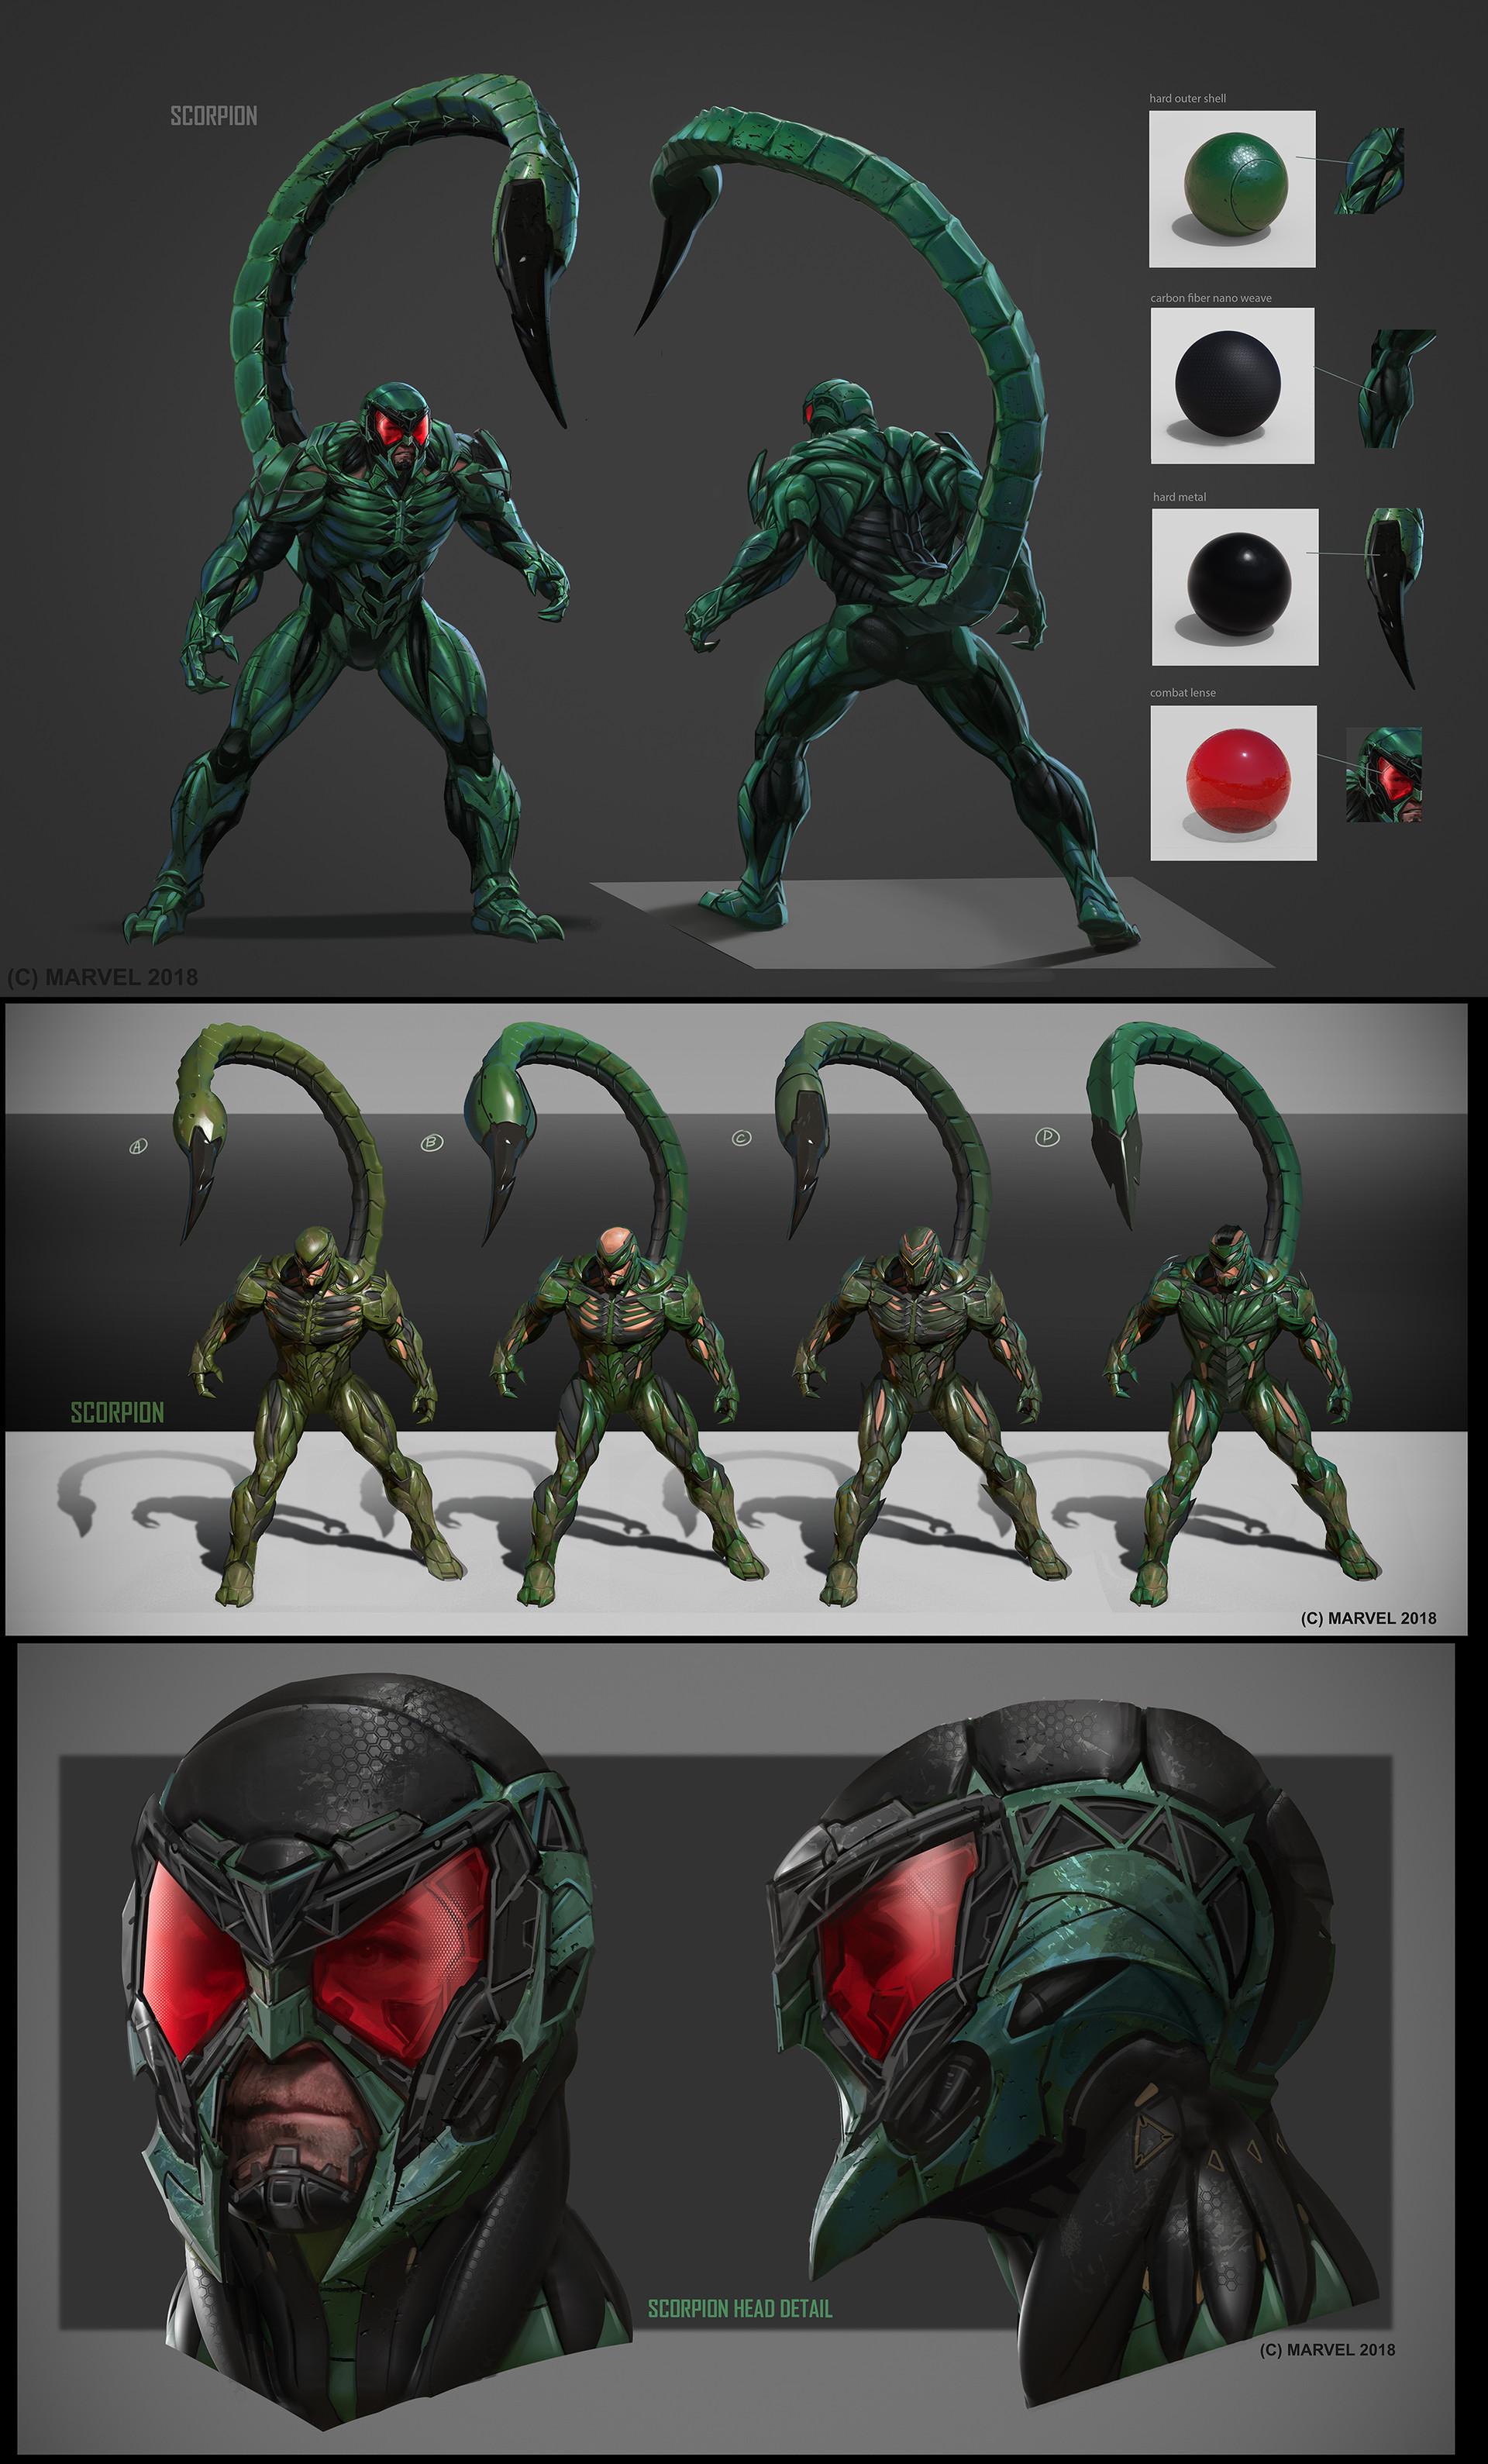 Daryl mandryk scorpion front back update2